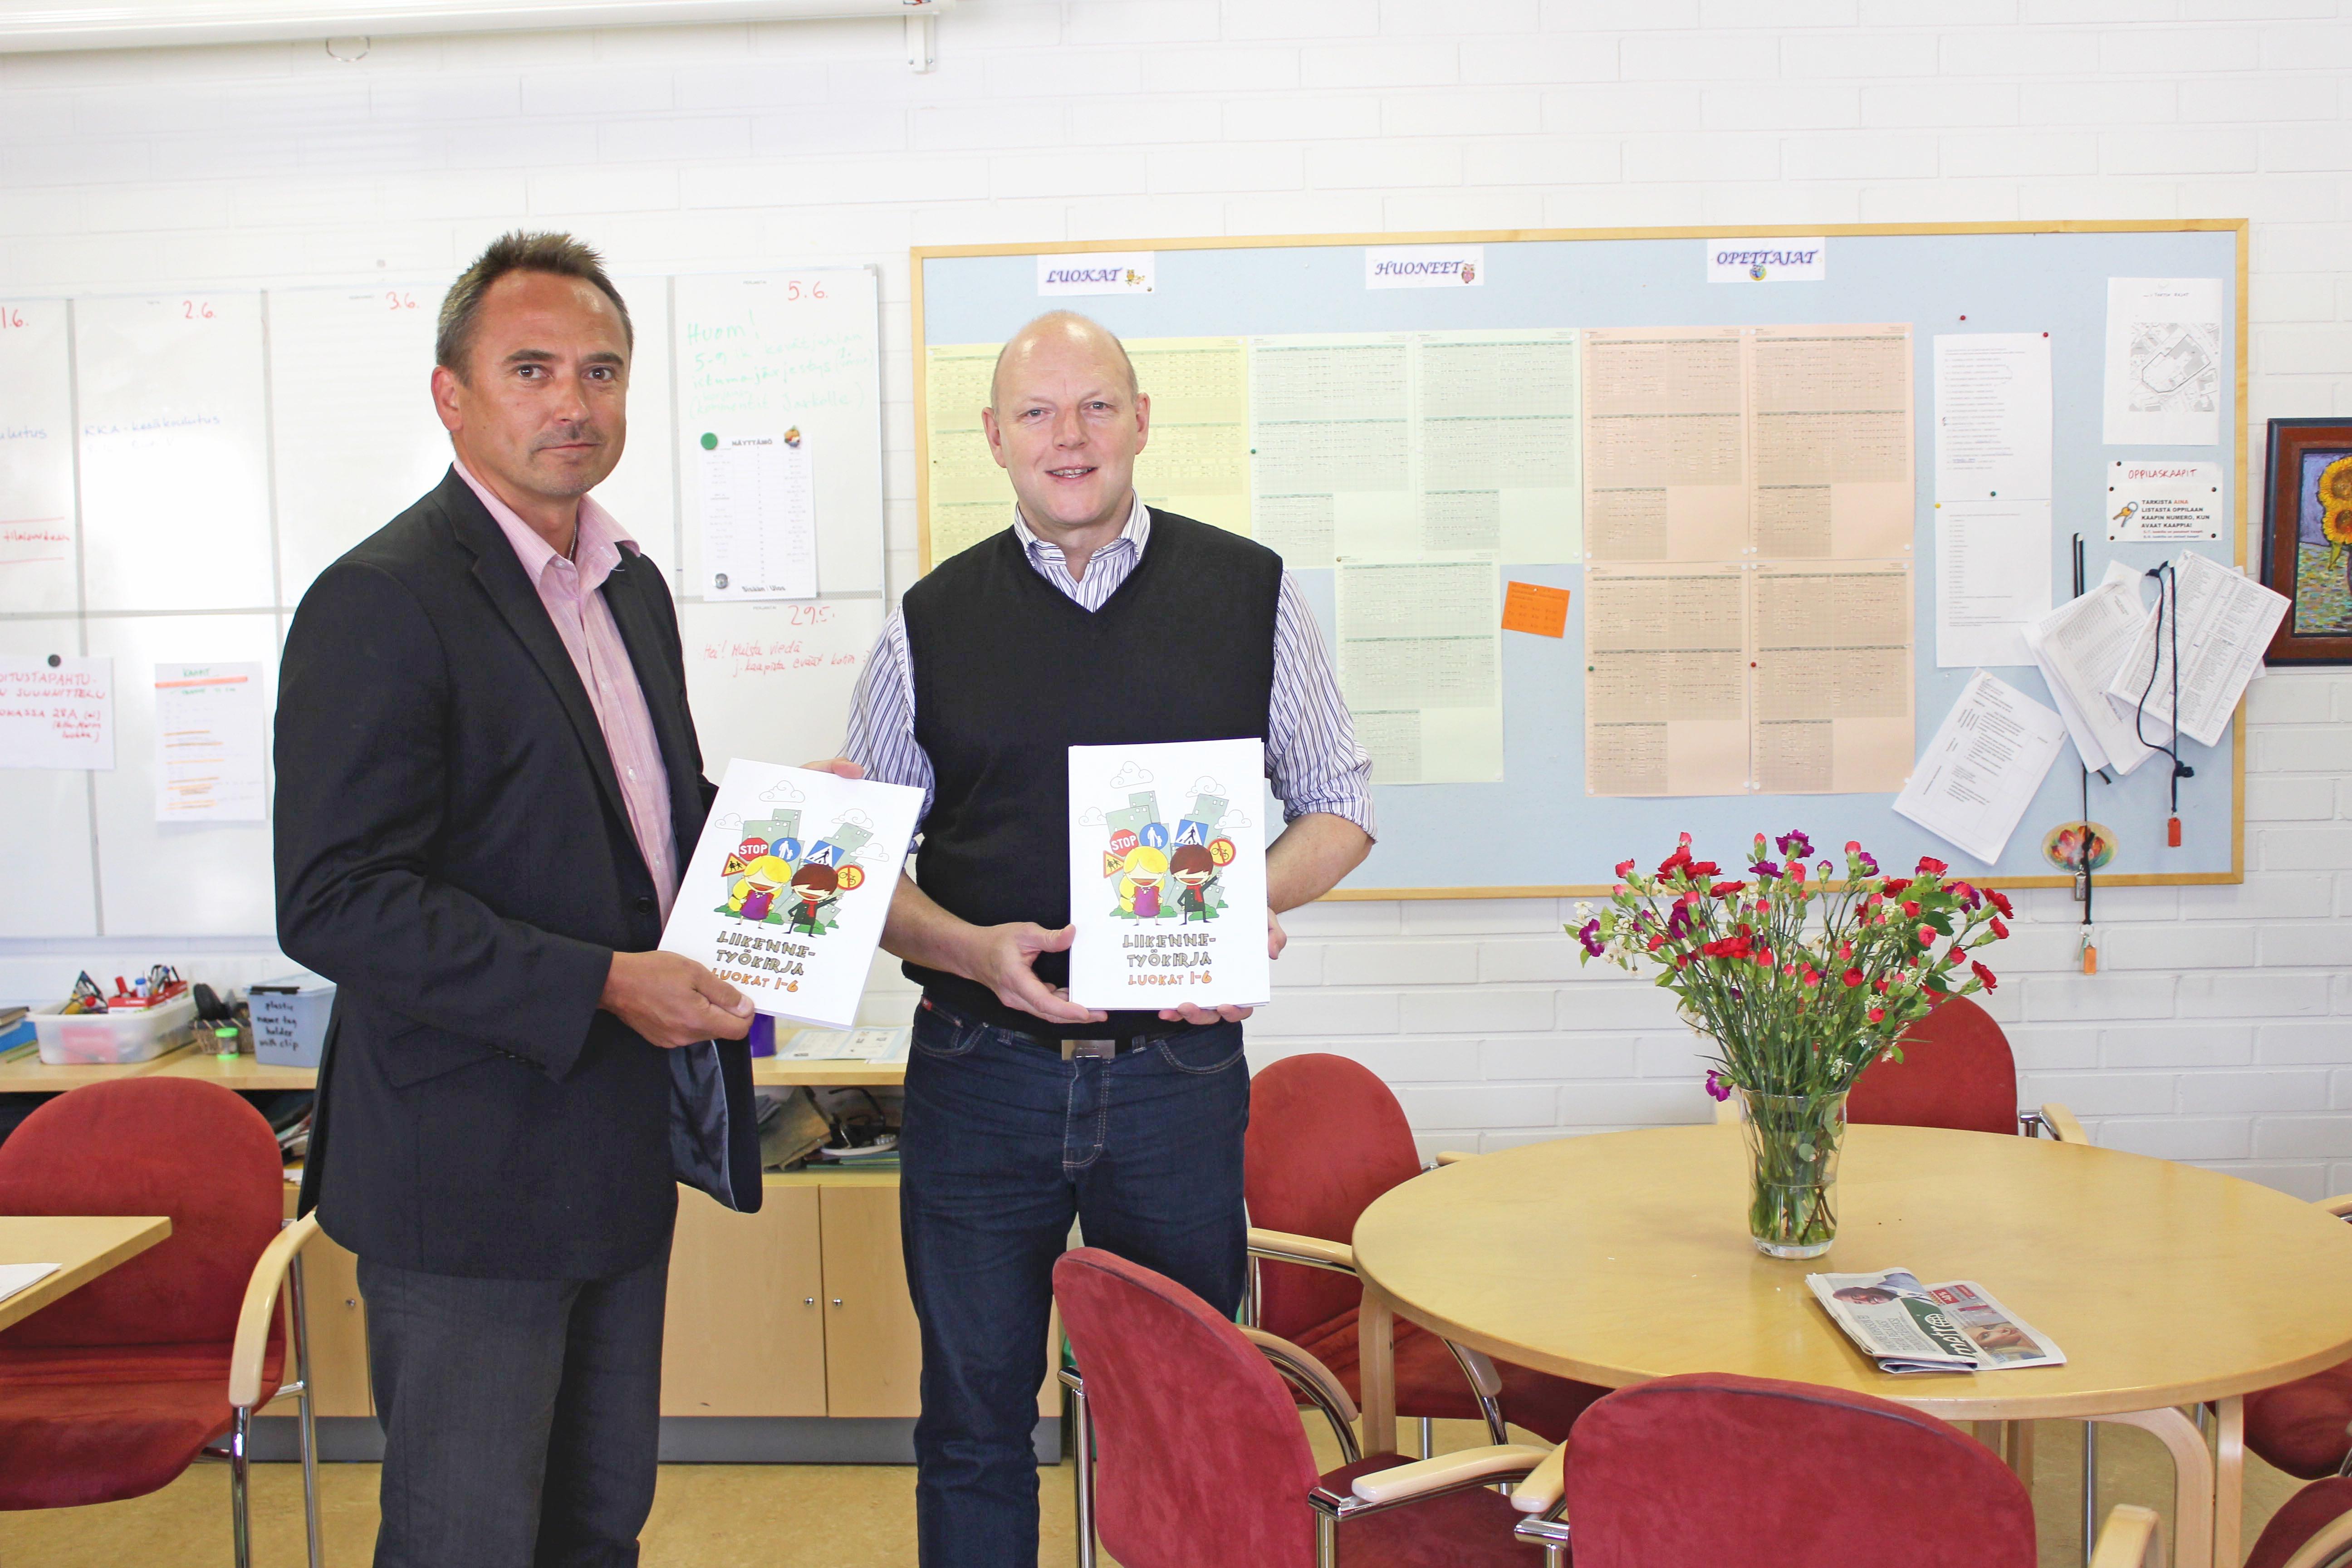 SMPY:n puheenjohtaja Kai Lager luovutti liikenneturvallisuuskirjoja Ylä-Malmin peruskouluun ennen syyslukukauden alkua.